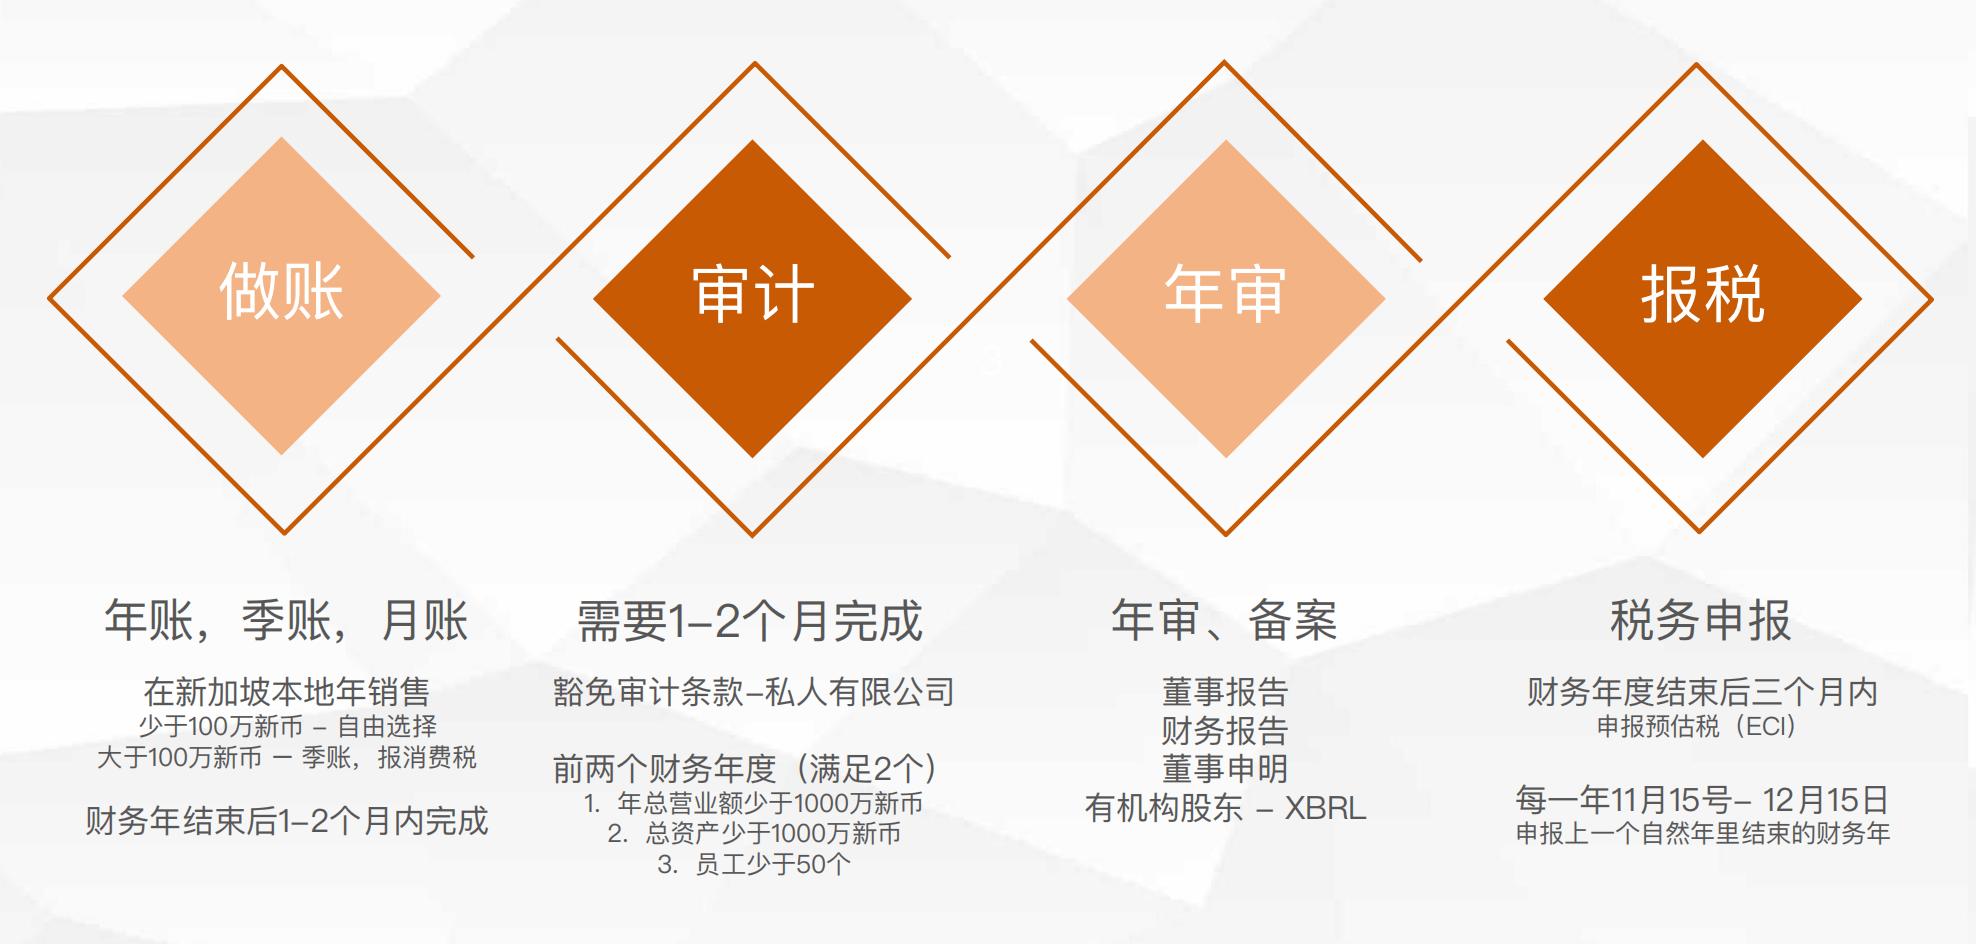 新加坡公司的财务税务流程